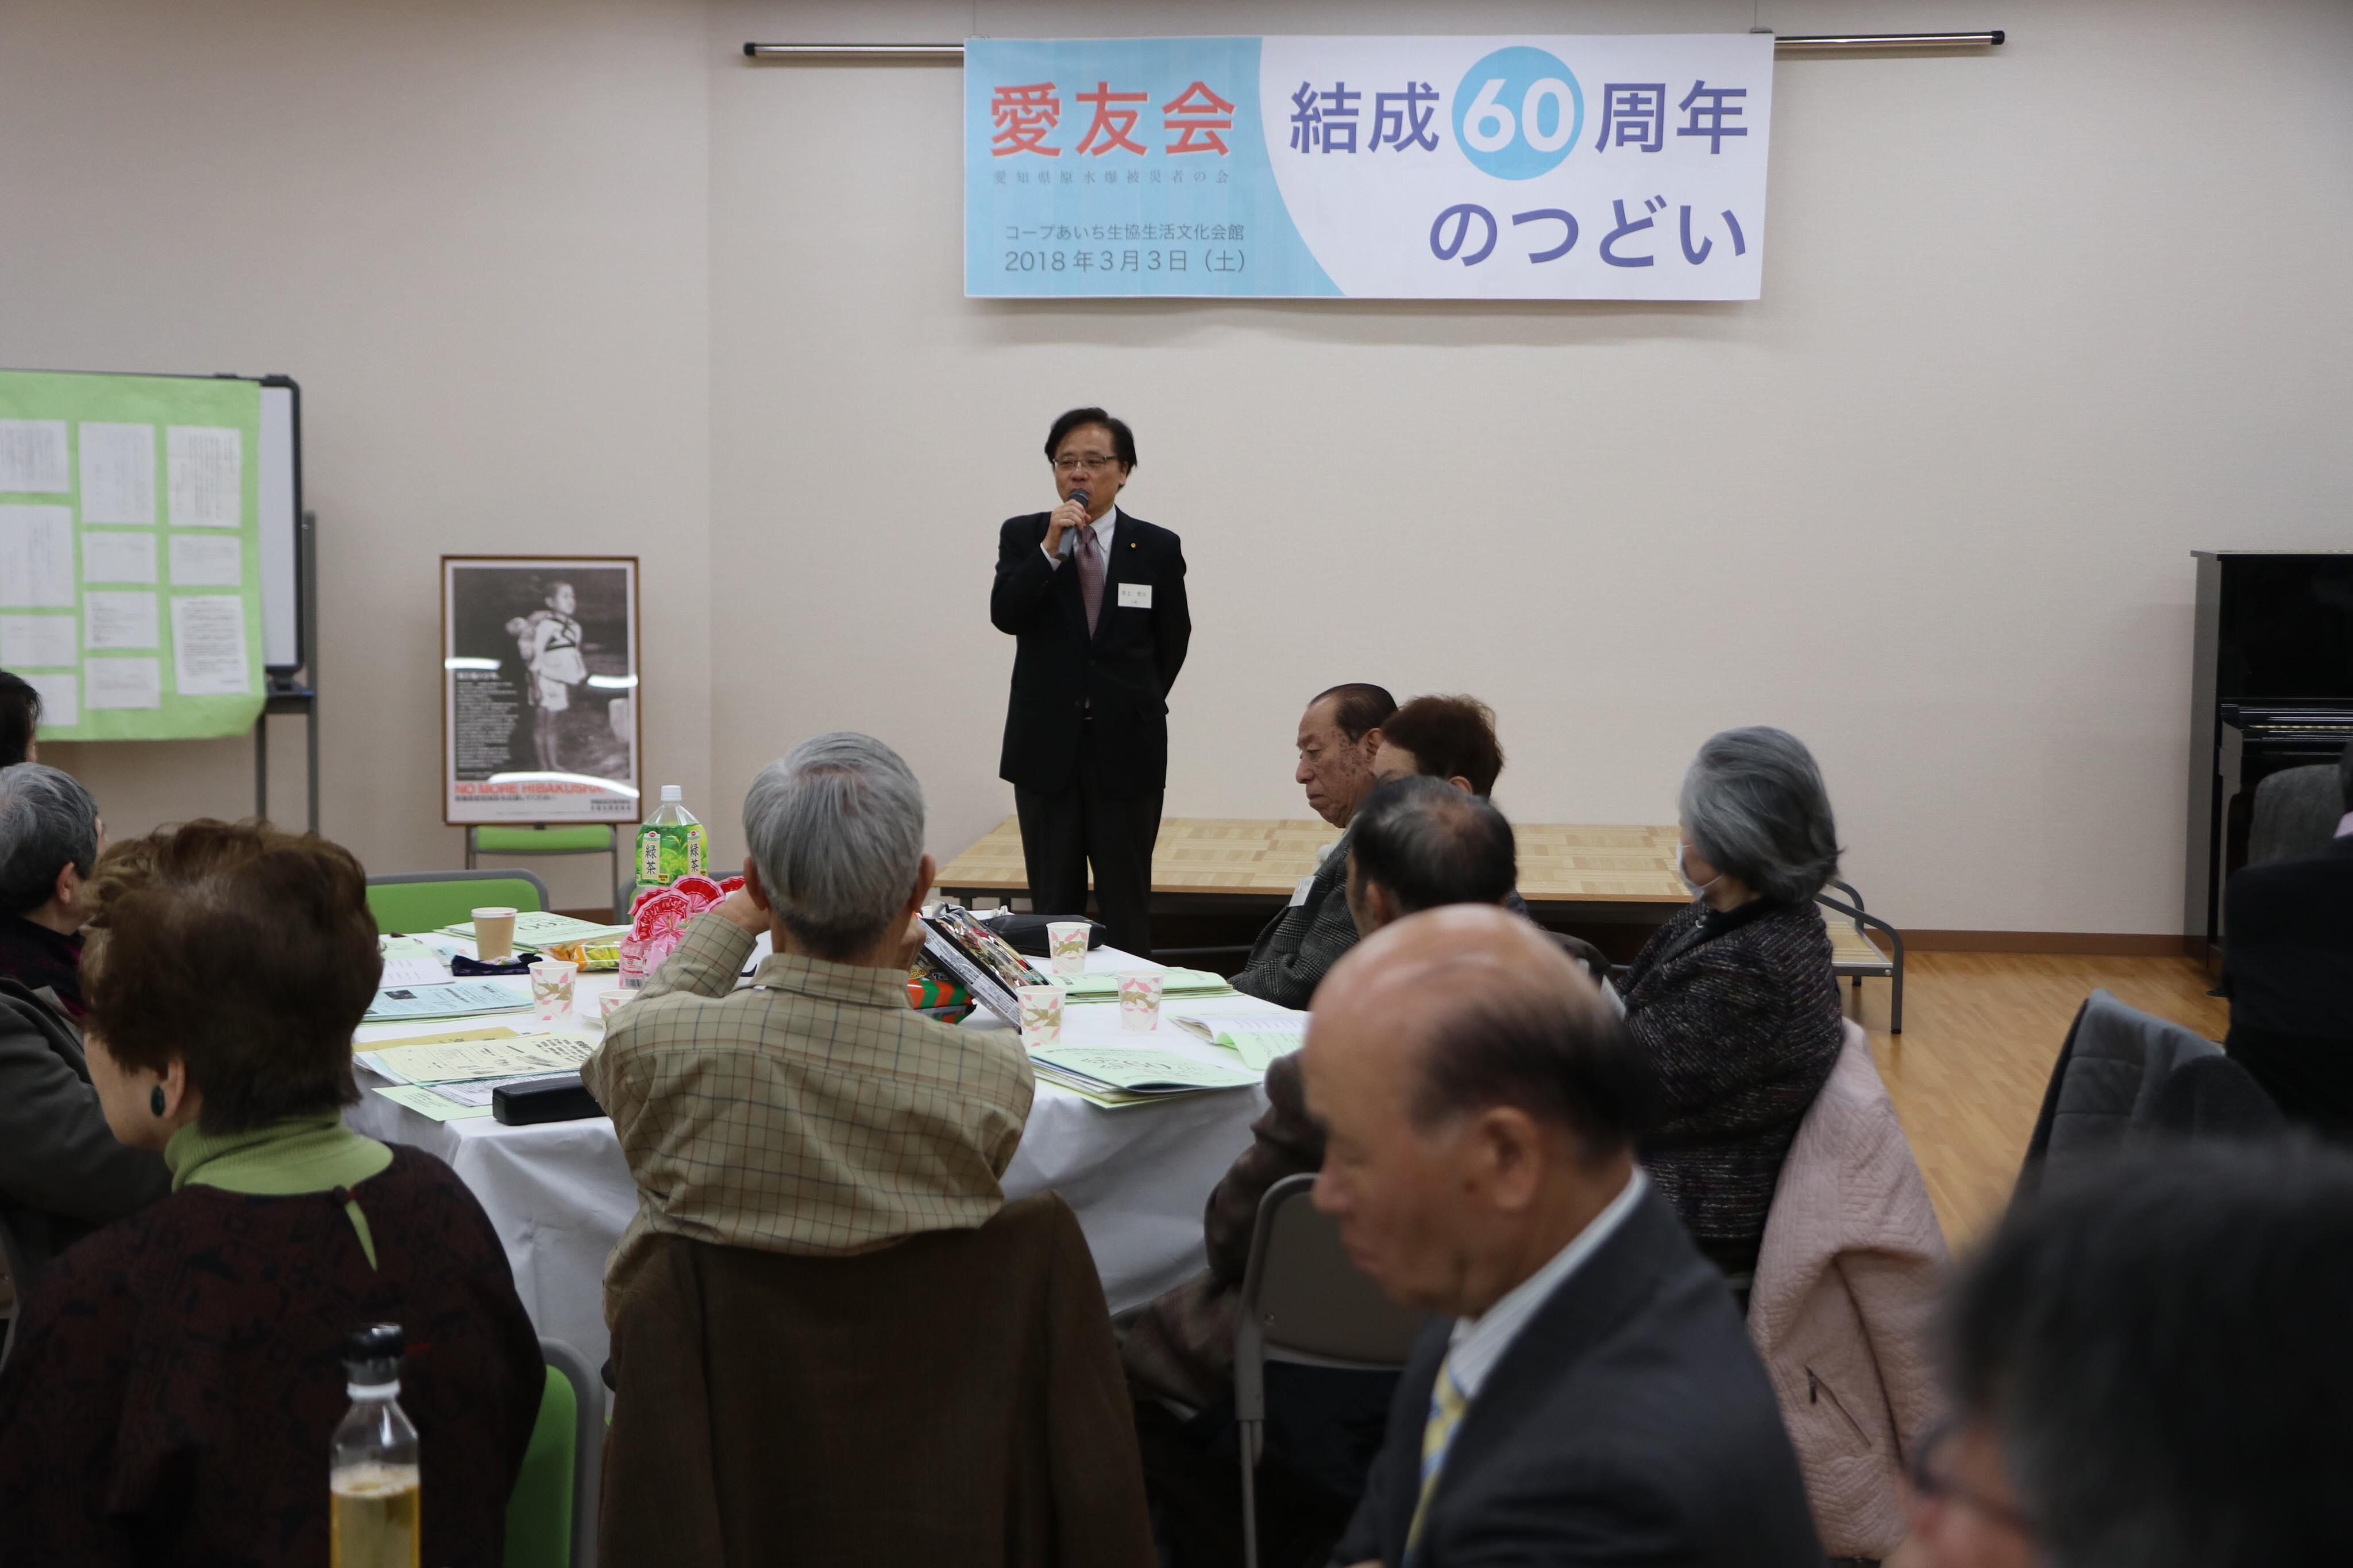 http://www.inoue-satoshi.com/diary/28693769_1345892782183492_202102153_o.jpg